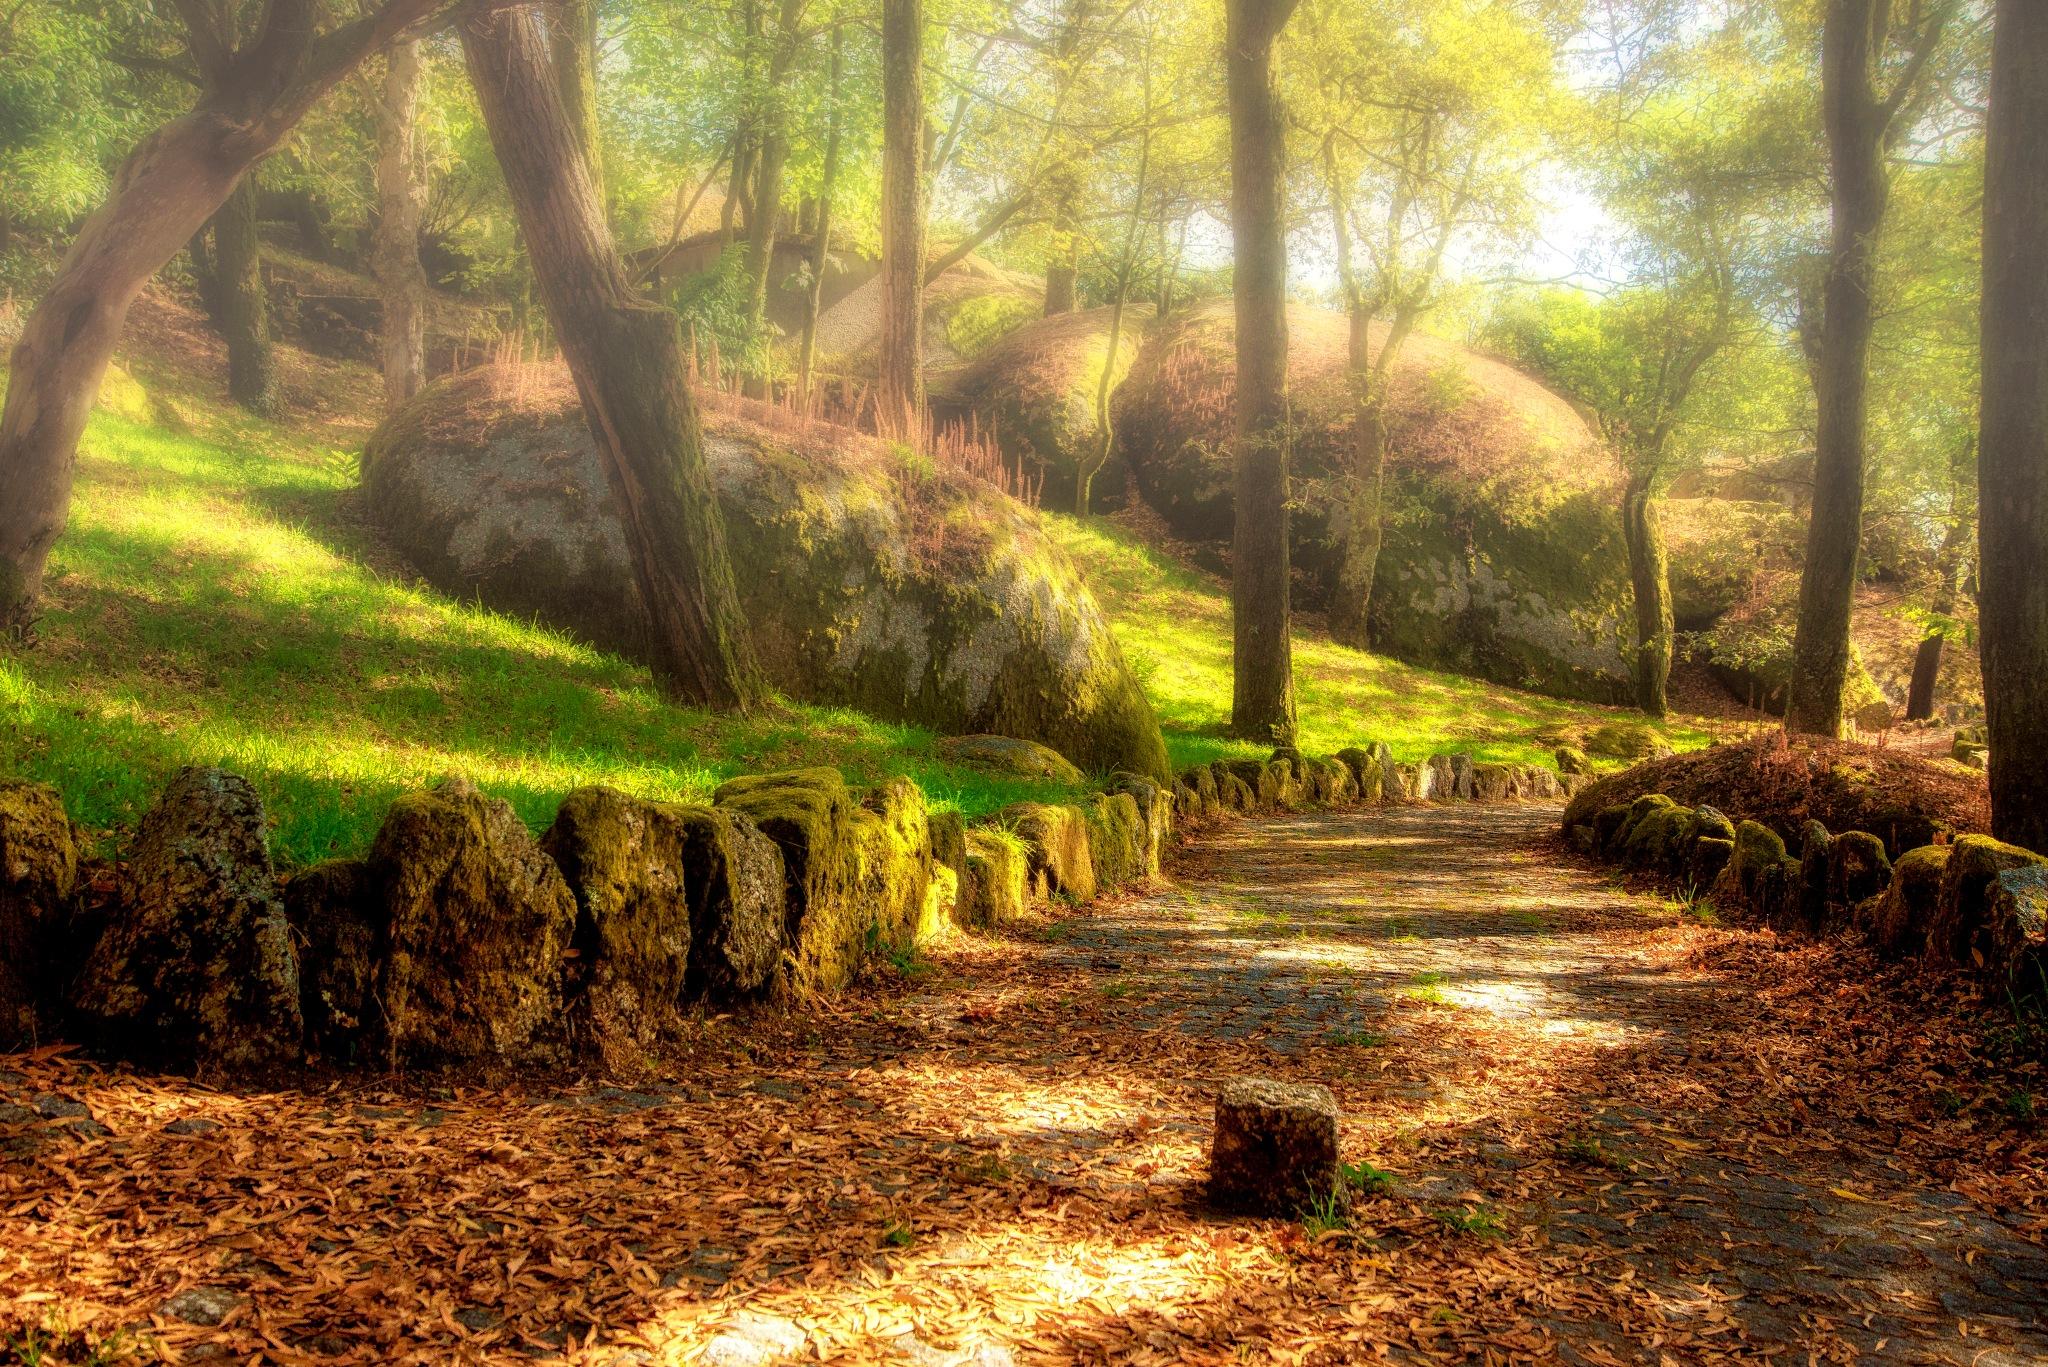 Secret path by Linette Simões